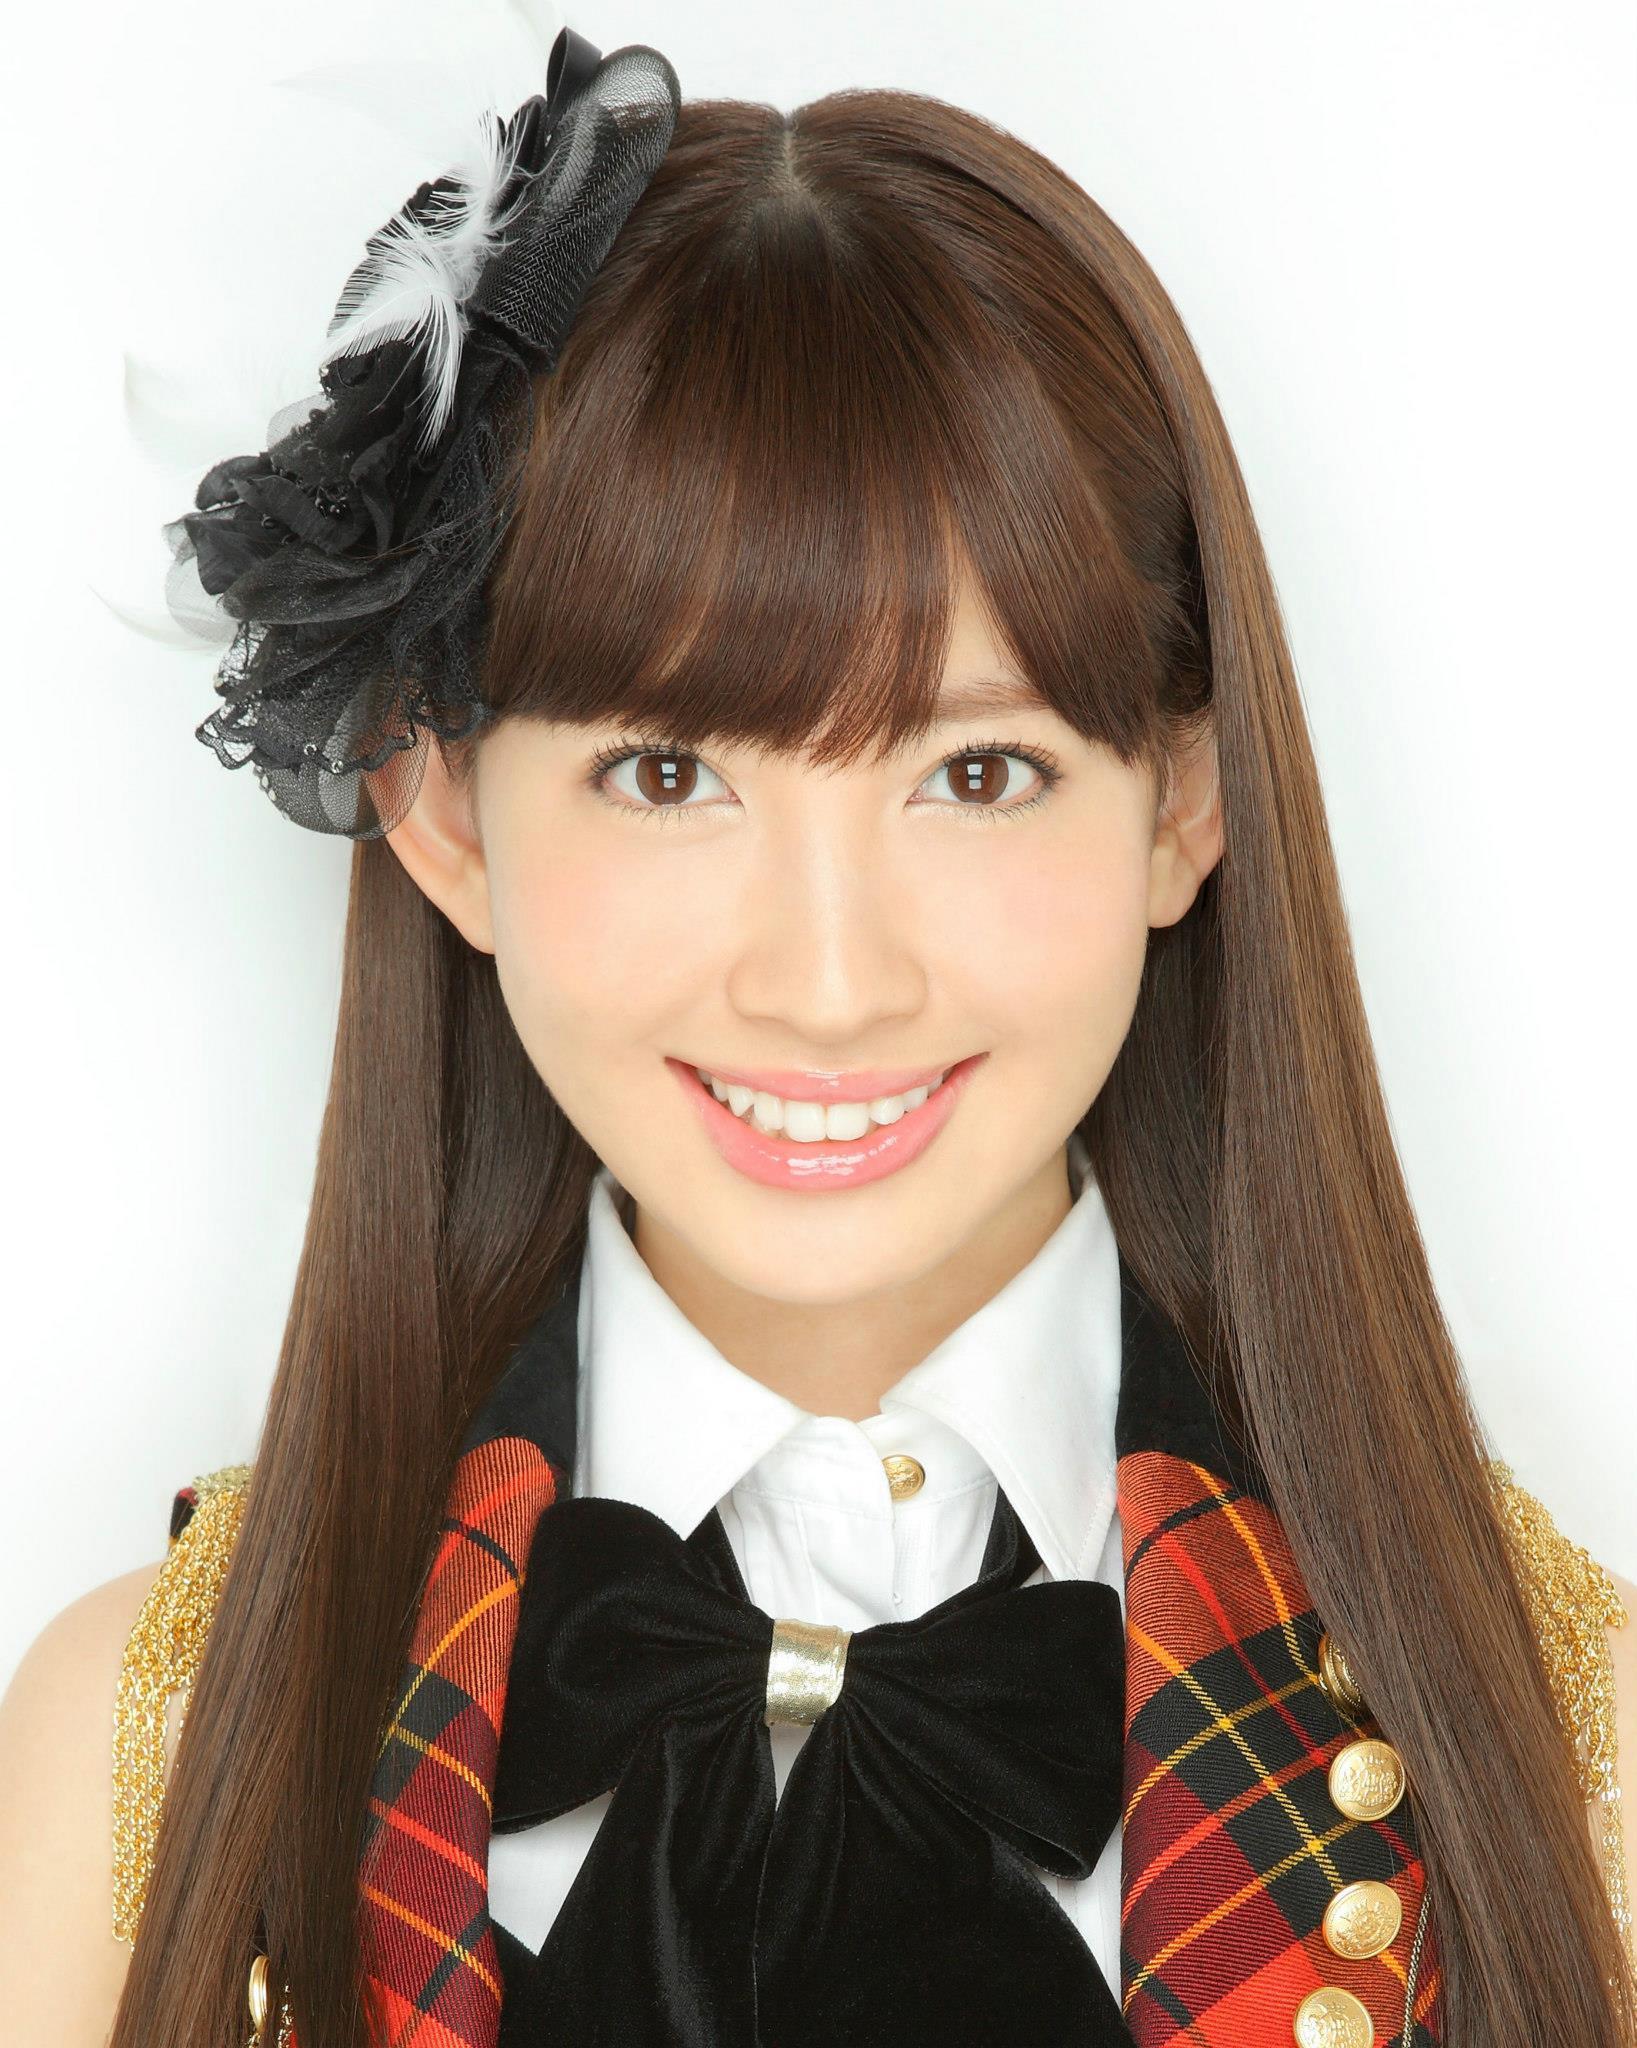 akb48核心_这是AKB48 中的哪个成员_百度知道